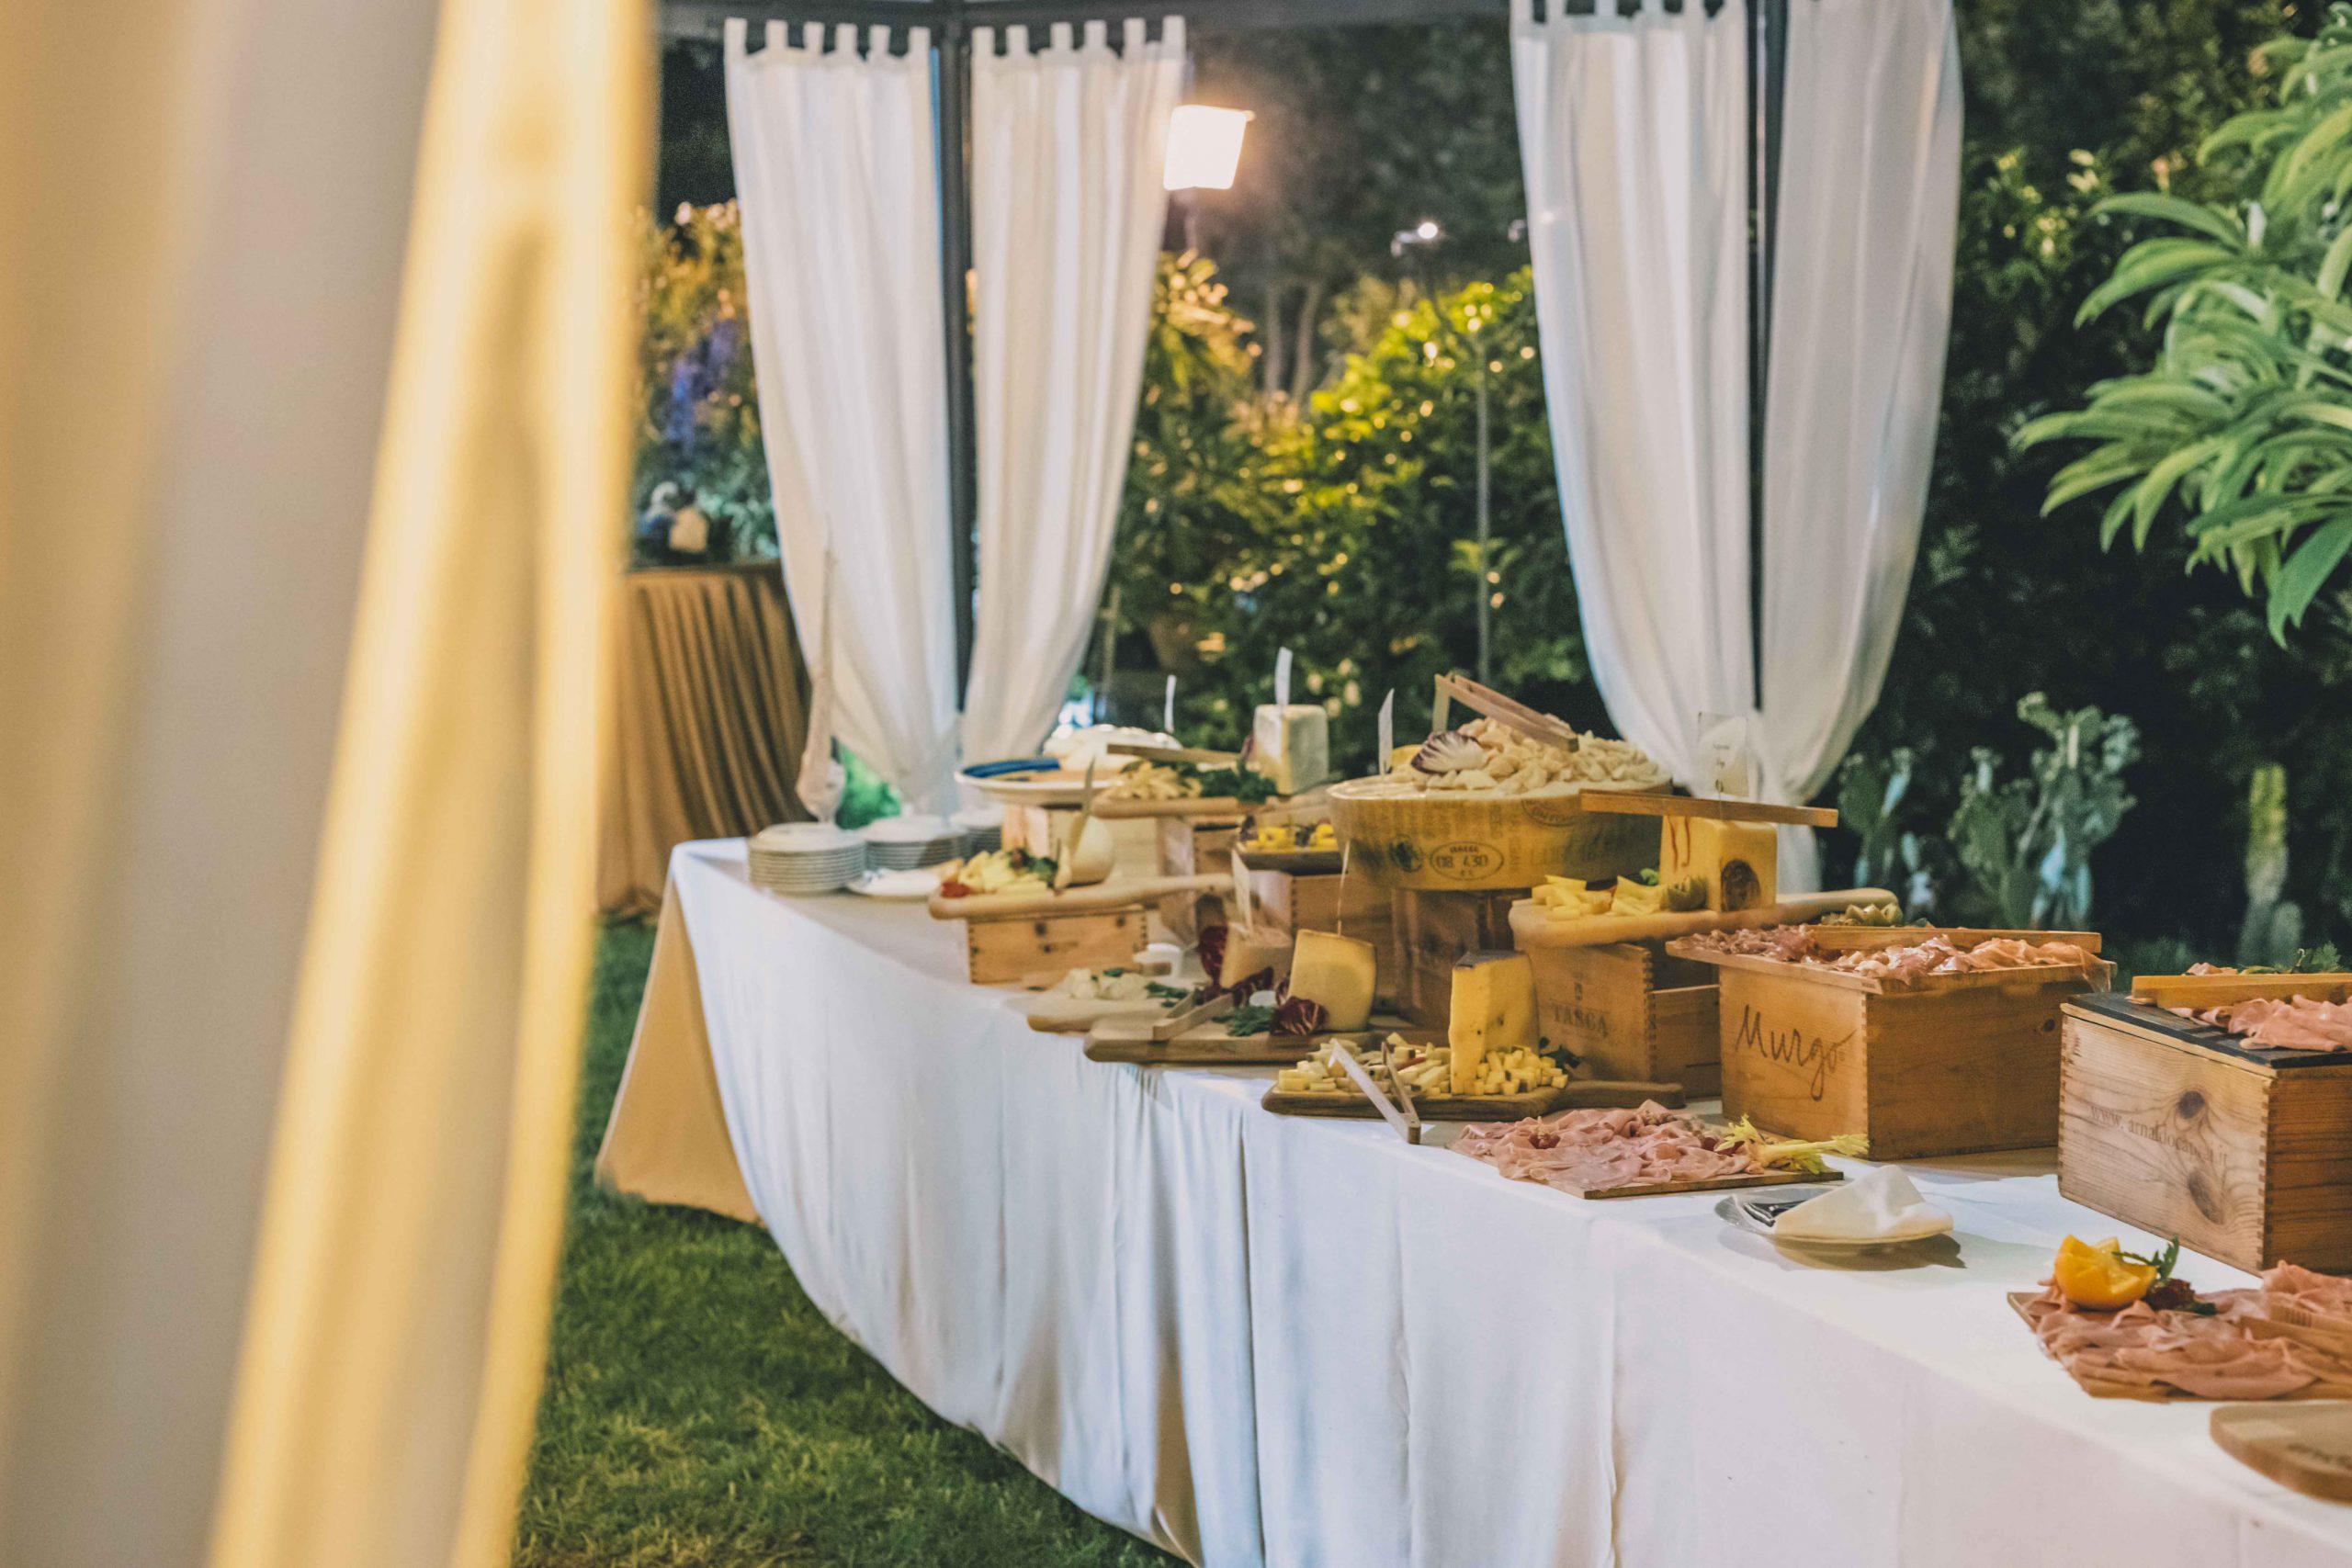 A Villa Musmeci l'arte della gentilezza, dell'ascolto e dell'ospitalità sono tutto ciò che serve per trascorrere una giornata perfetta. Siete pronti a vivere un matrimonio da favola?